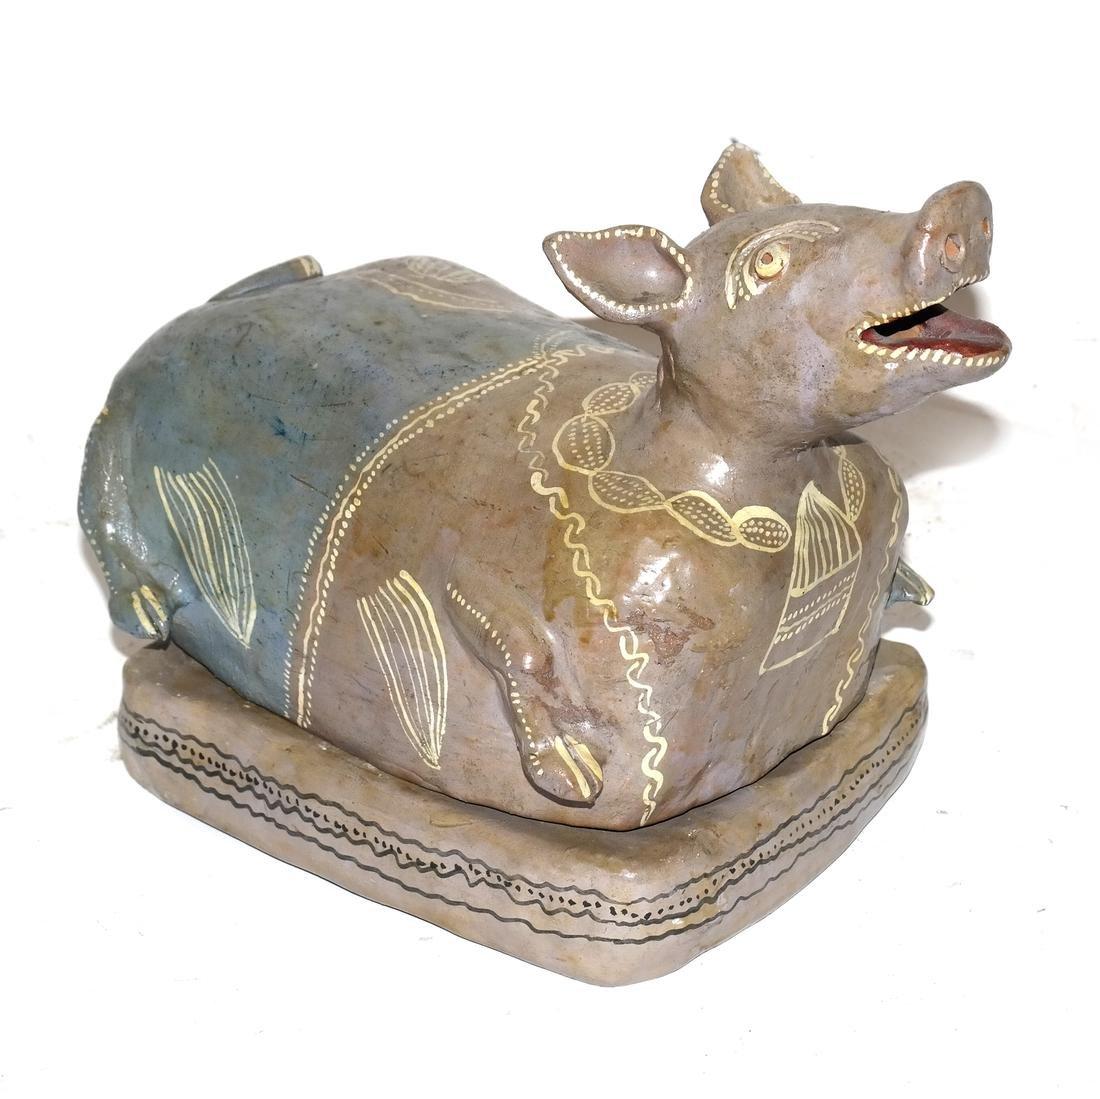 Ceramic Erotica - Cow Centerpiece